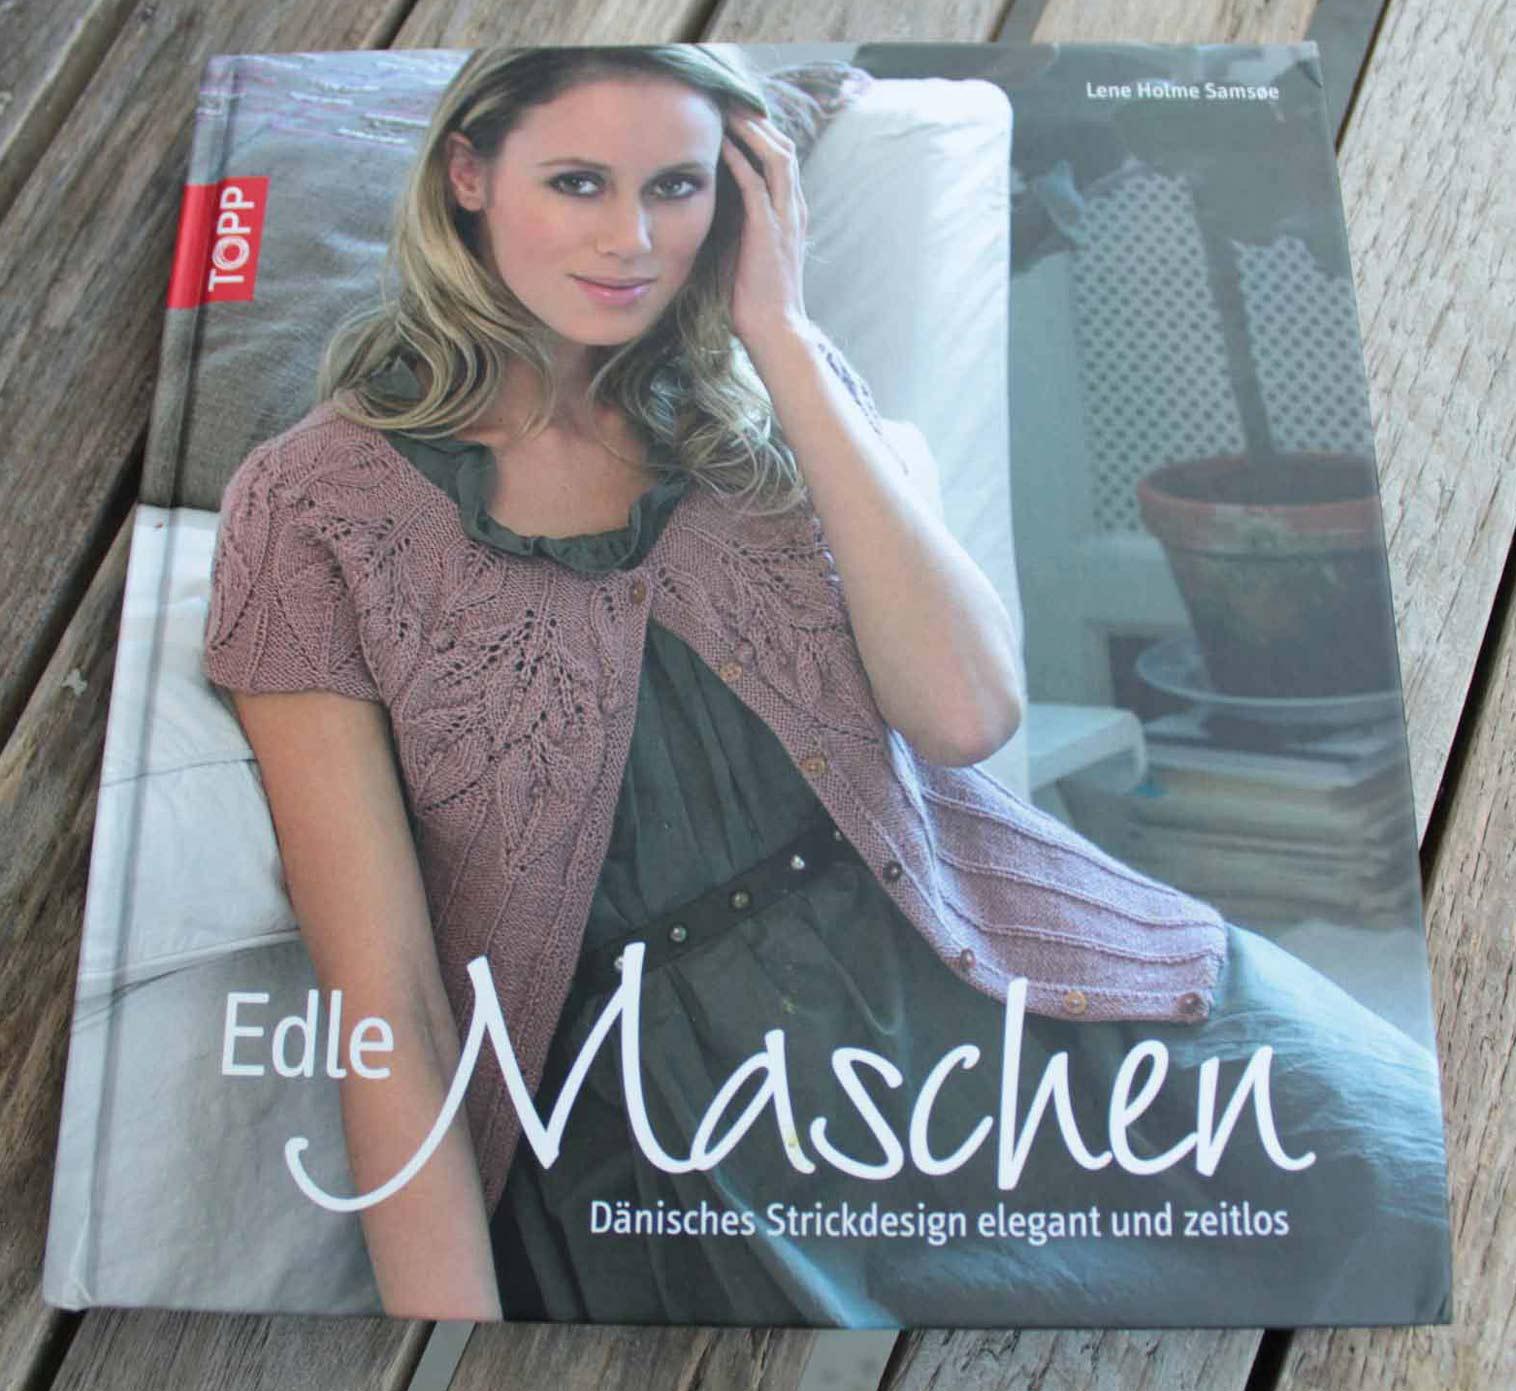 Die schönsten Strickbücher: Buchempfehlung für Edle Maschen von Lene Holme Samsøe.